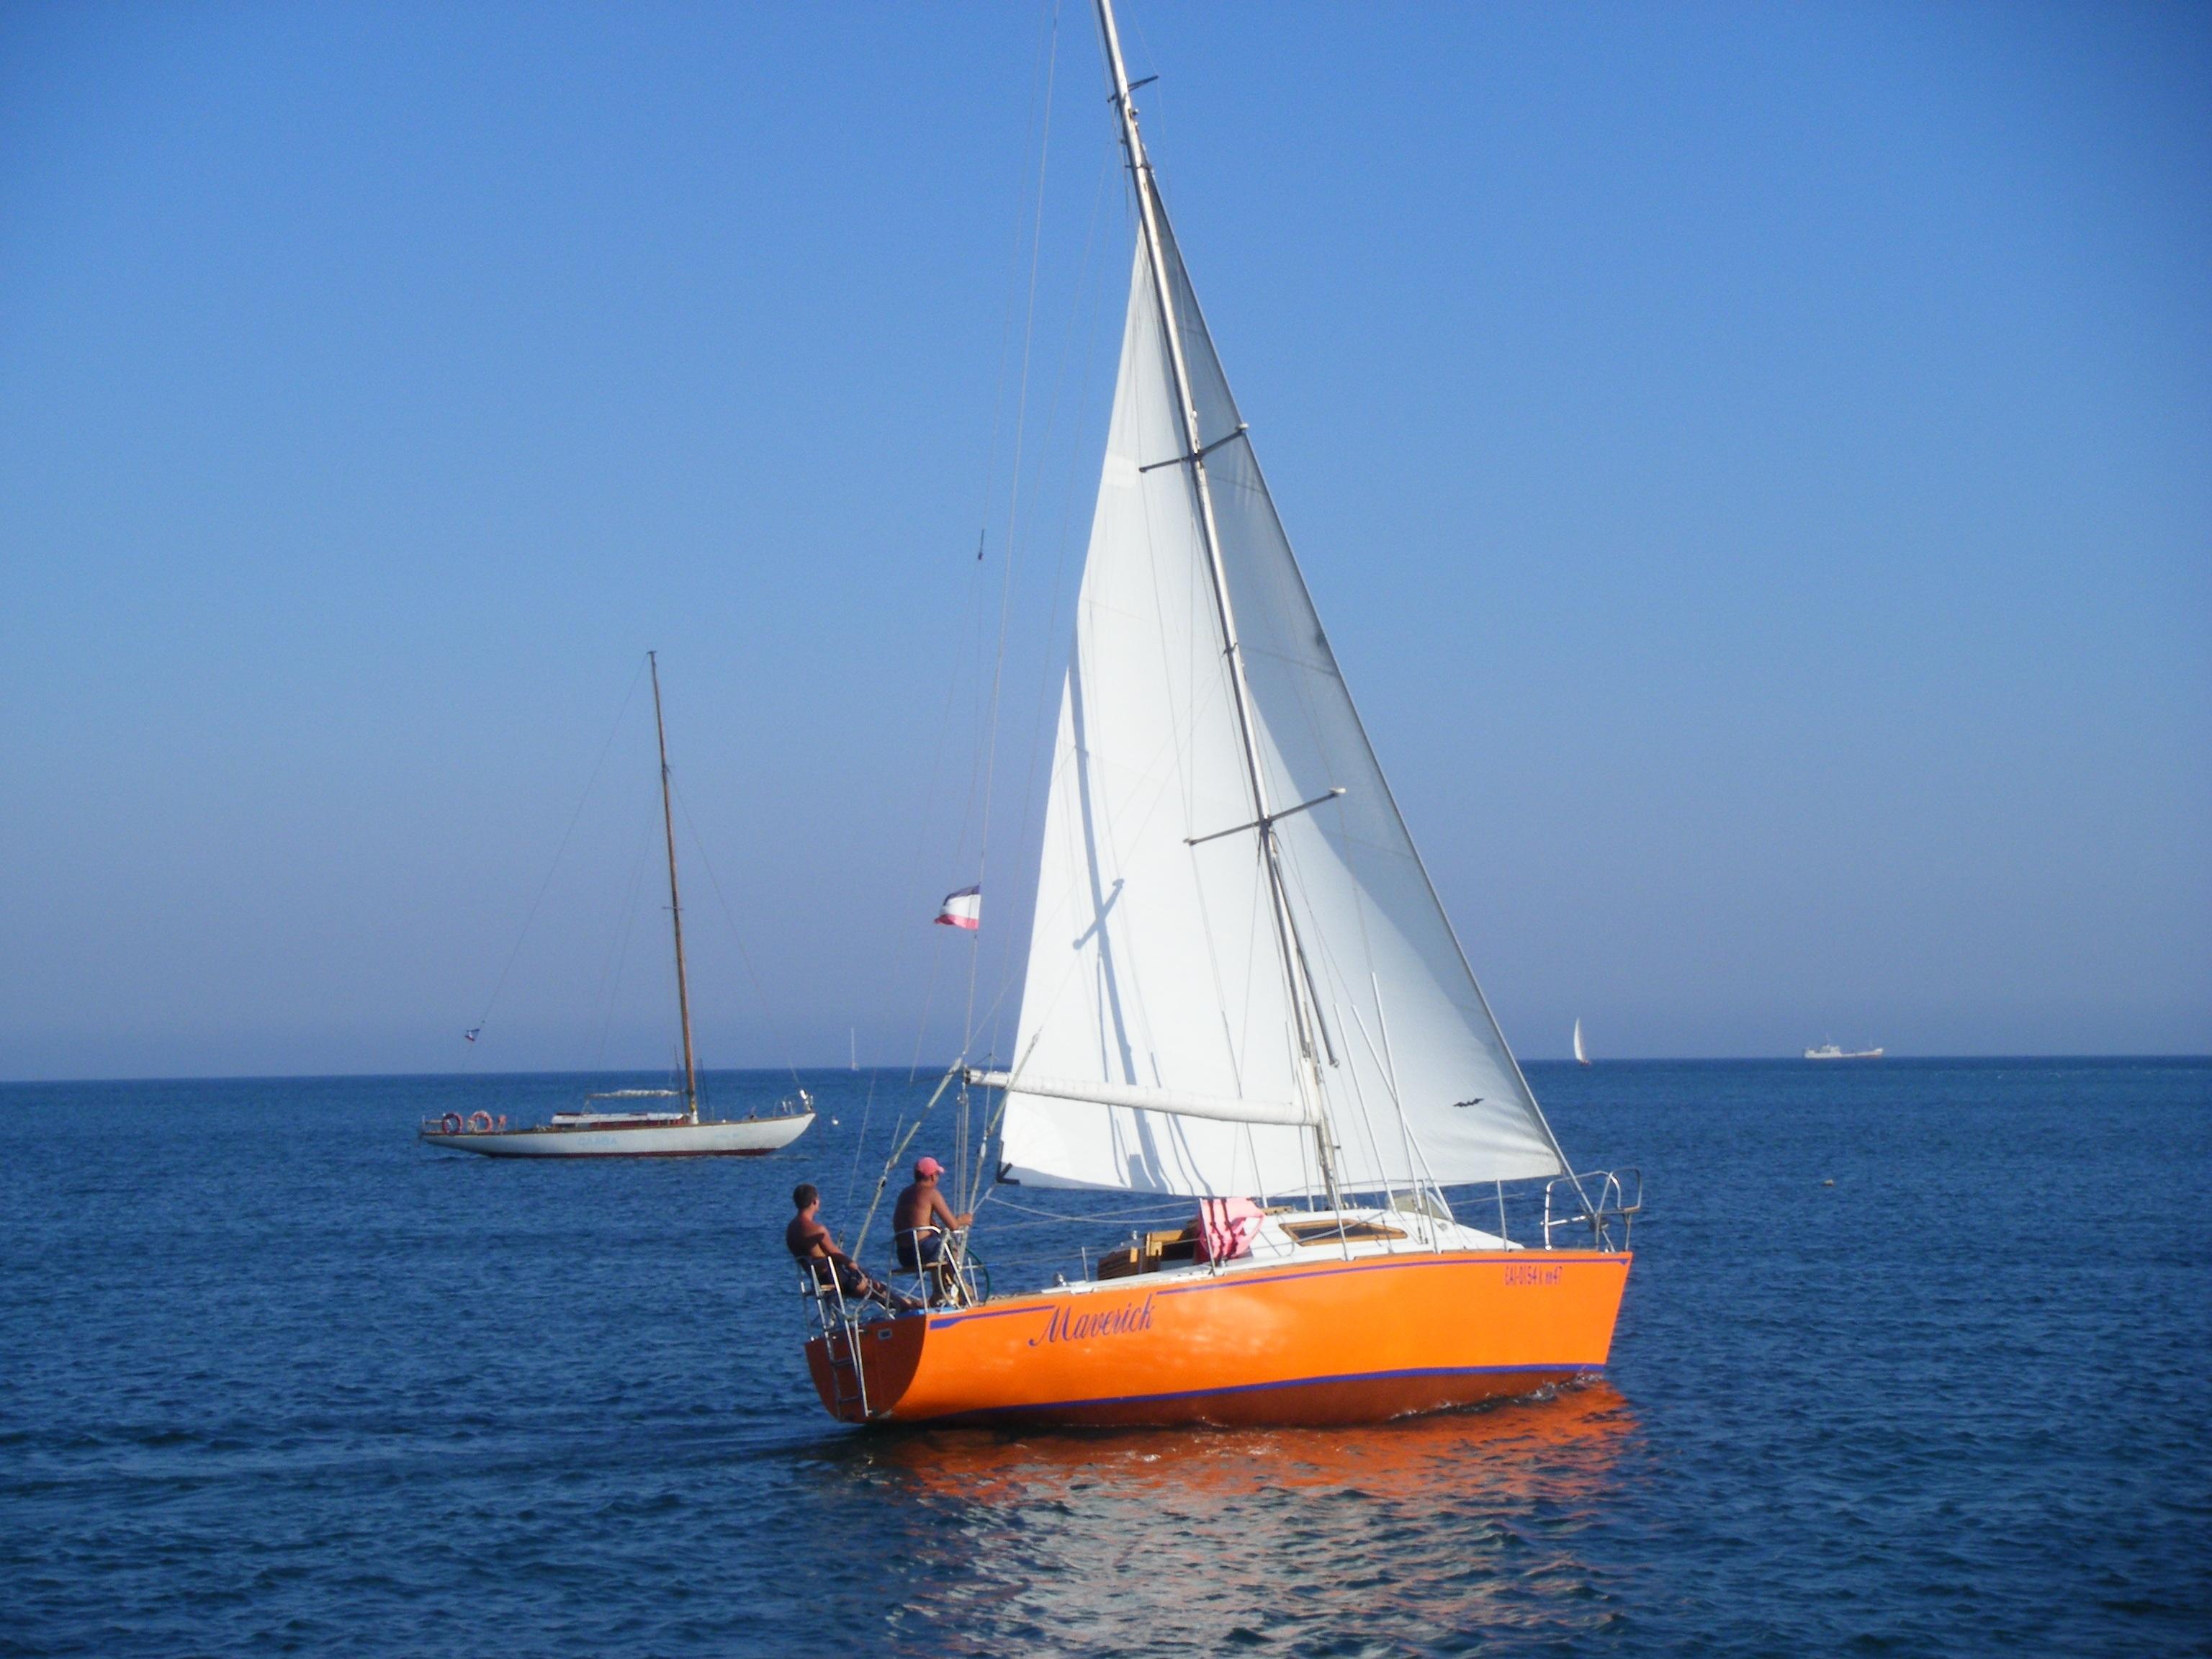 воинов-моряков картинка яхта под парусами развития техники